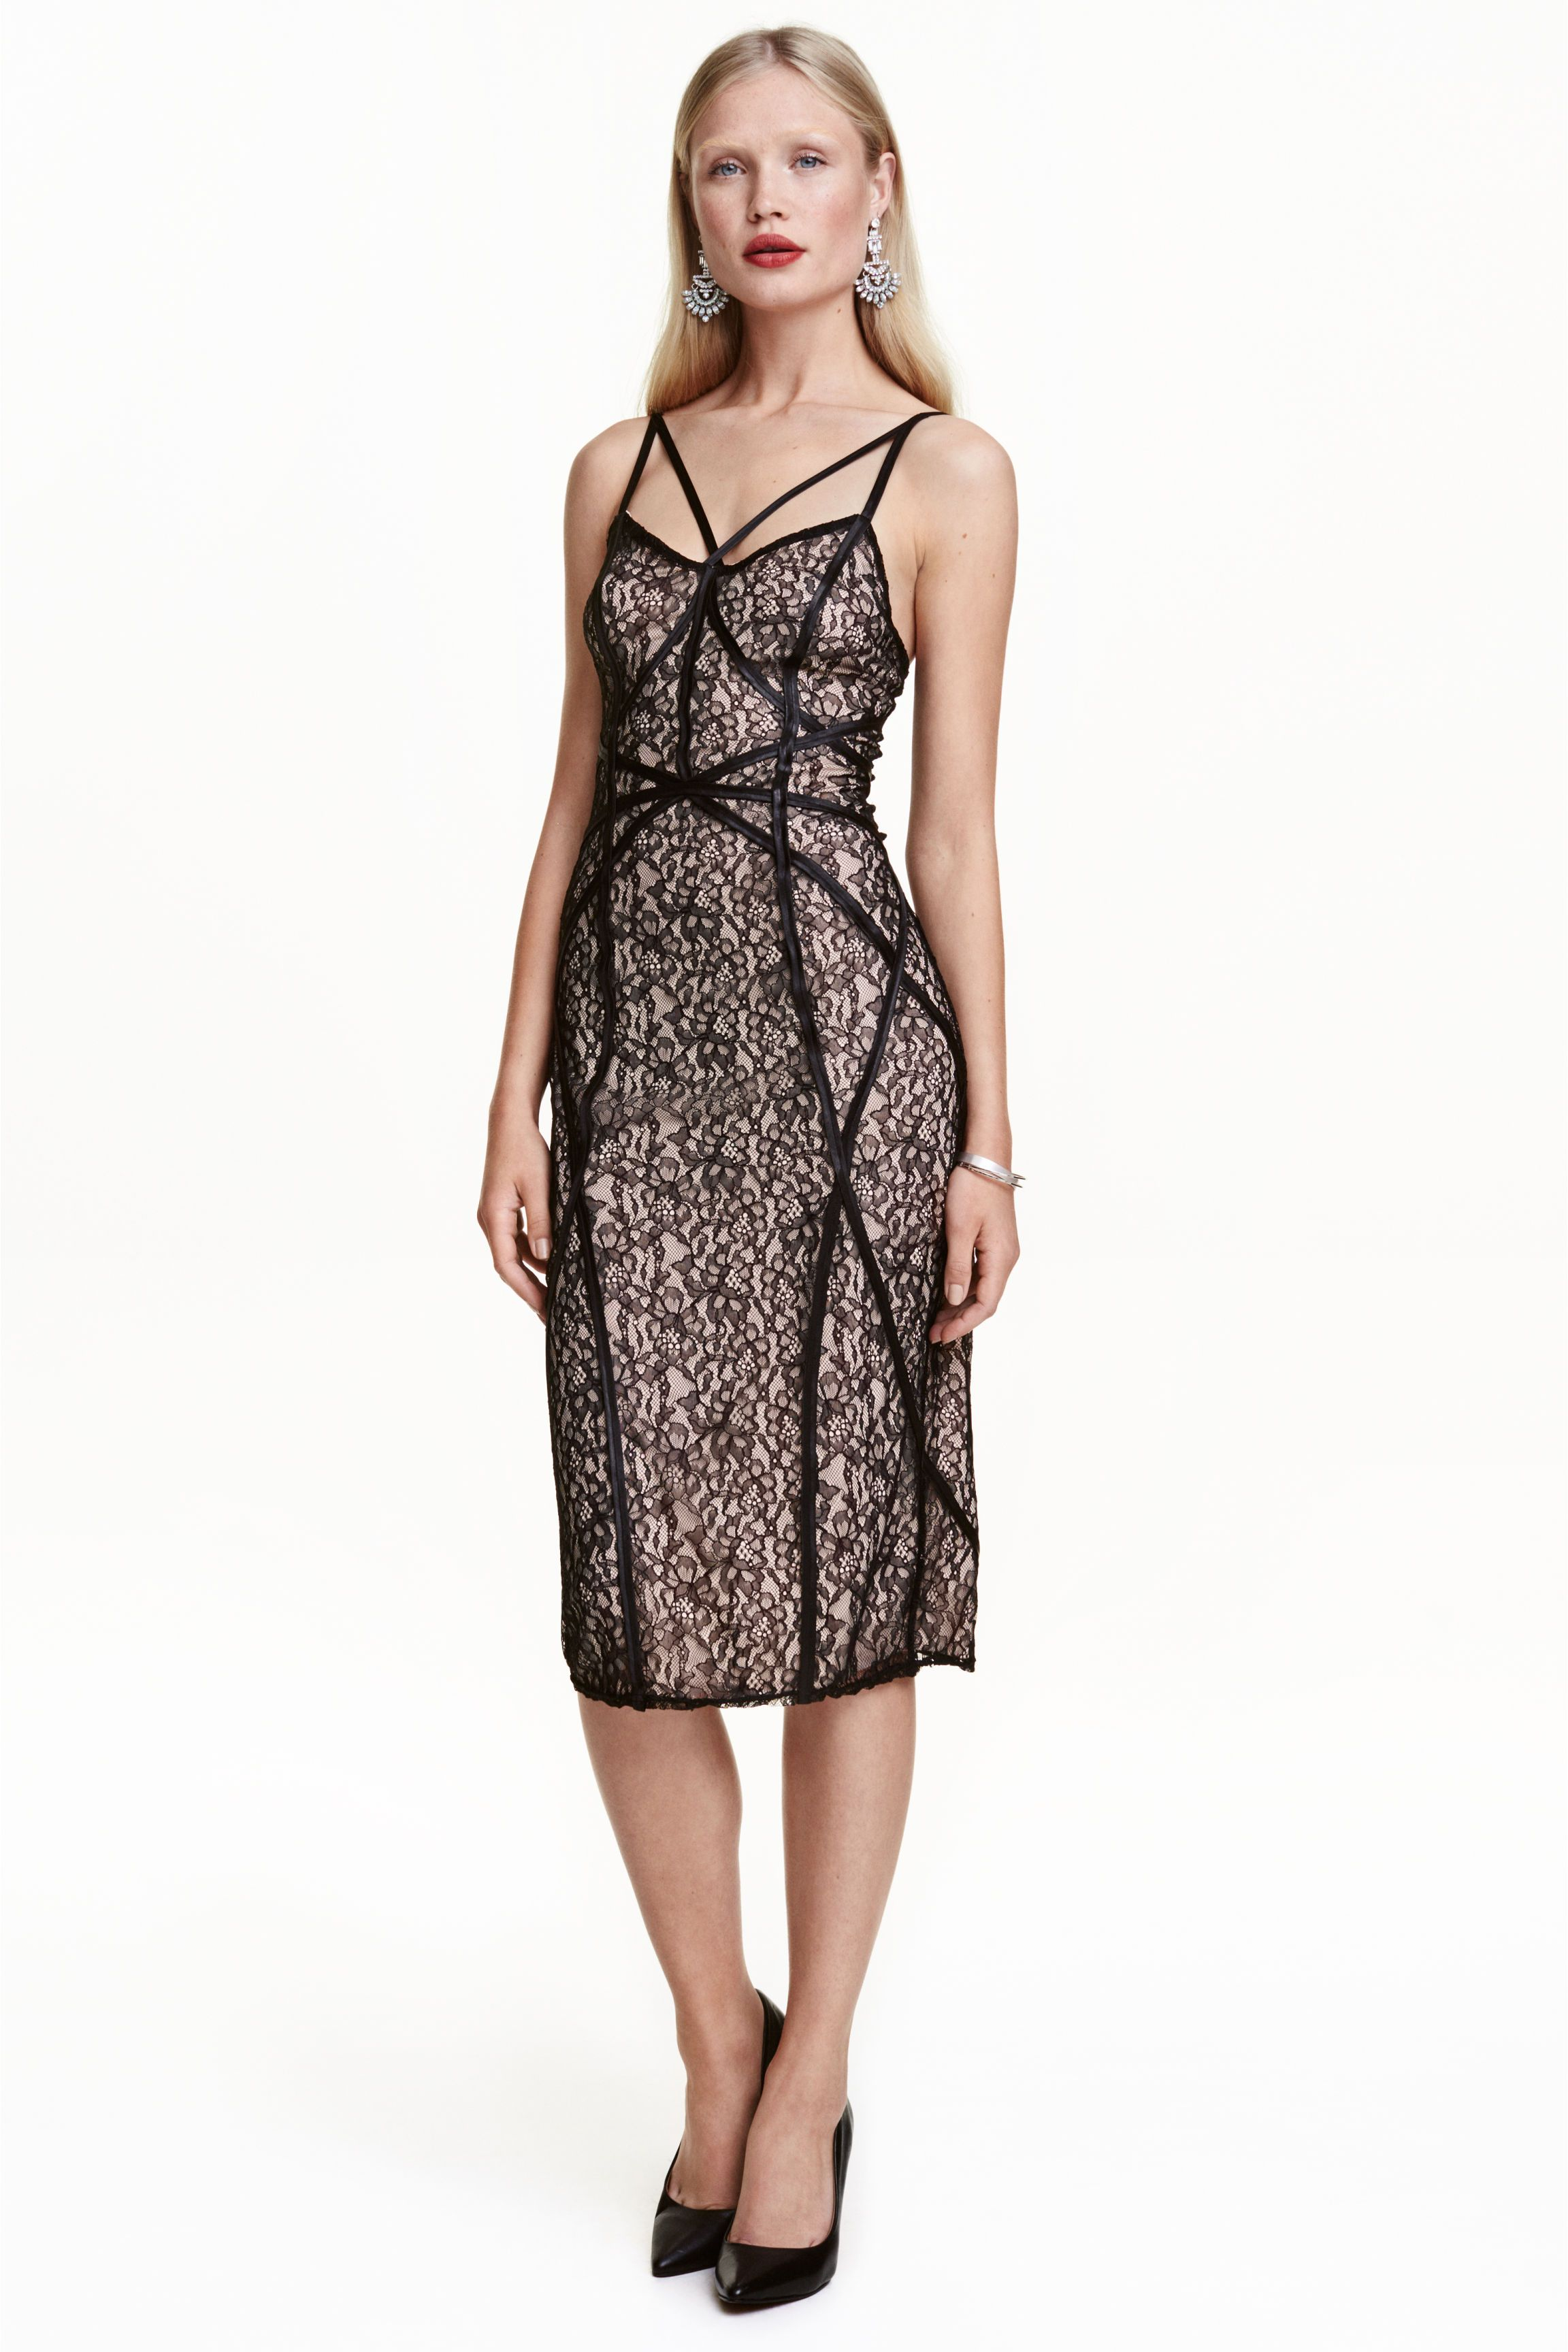 Robe En Dentelle Dame W 17 18 Lace Dress Black Fashion